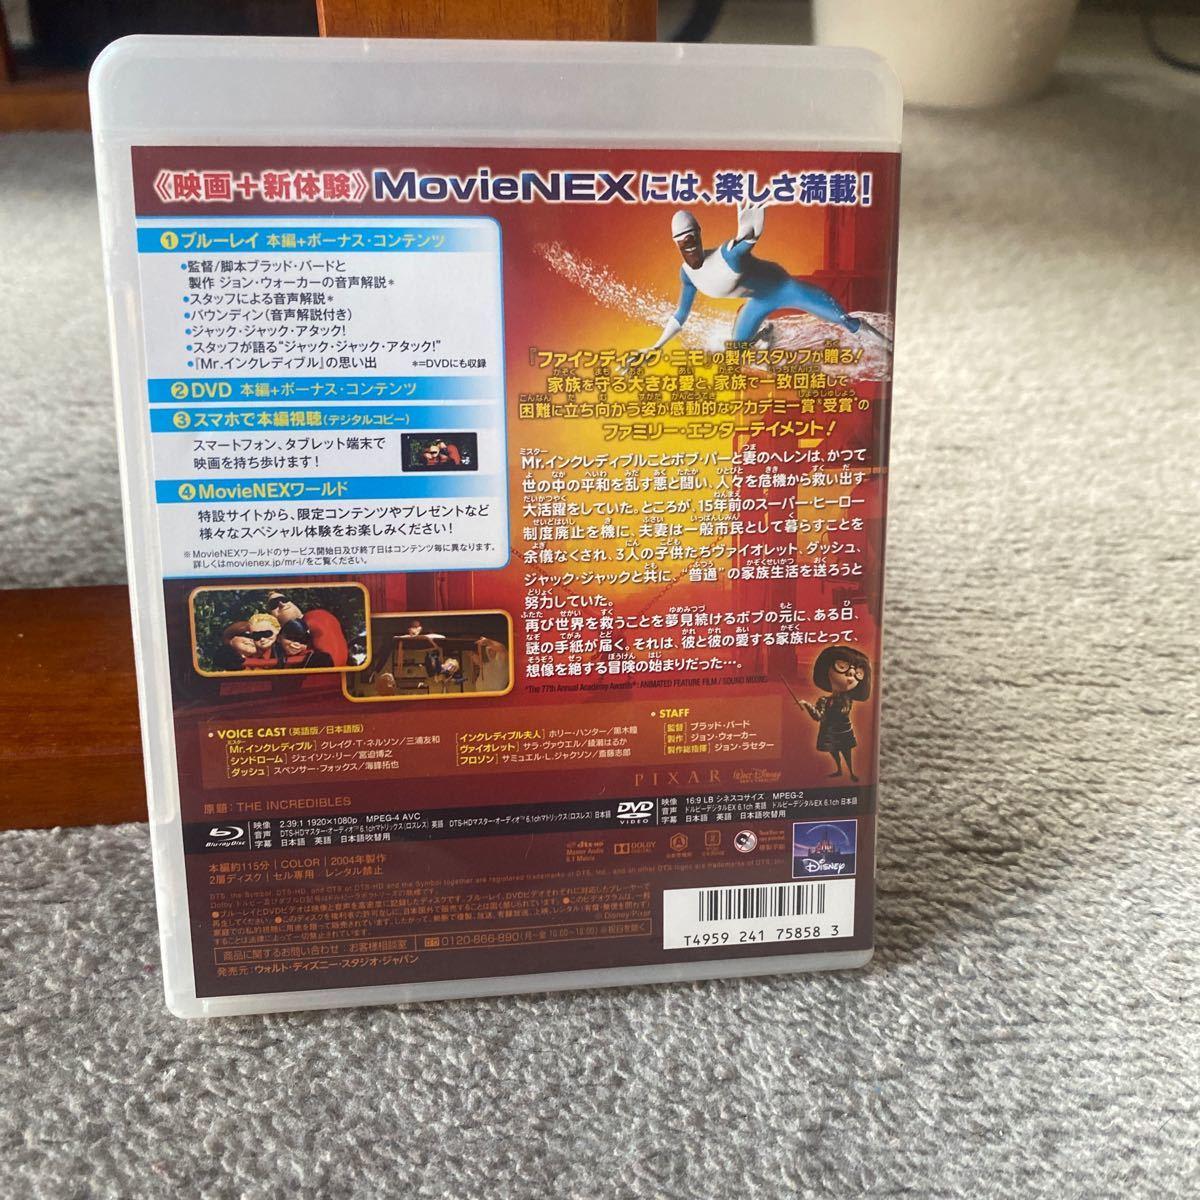 Mr.インクレディブル MovieNEX [ブルーレイ+DVD+デジタルコピー+MovieNEXワールド] [Blu-ray]